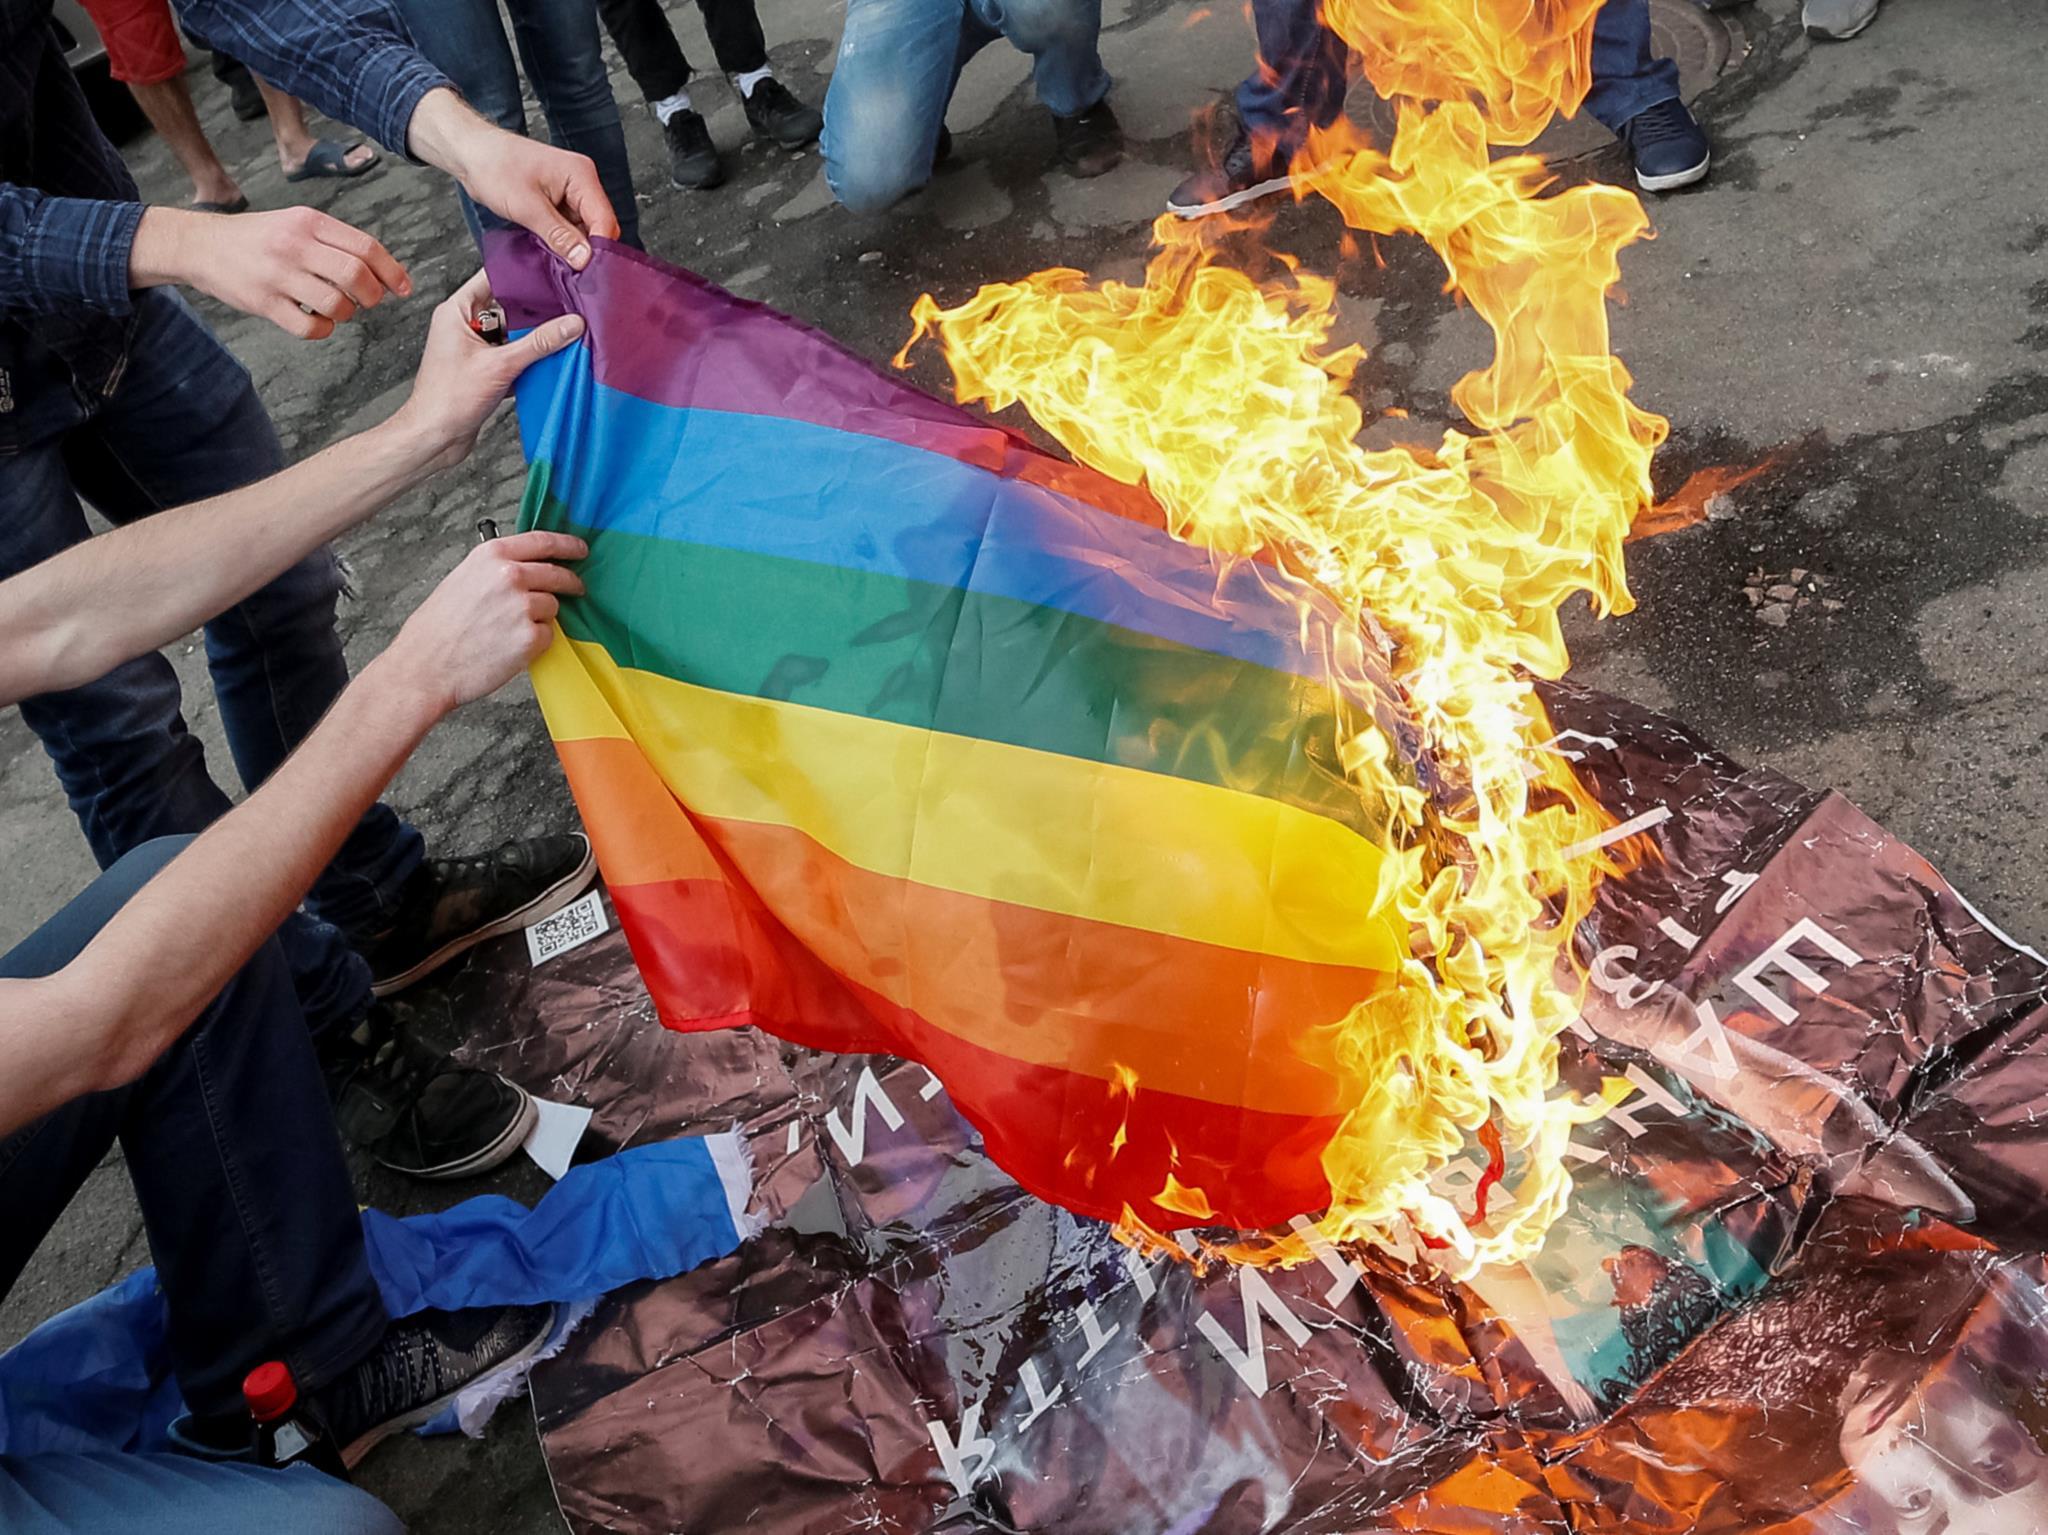 Manifestantes anti-LGBT incendeiam bandeira durante a cerimónia de abertura da parada gay em Kiev, na Ucrânia